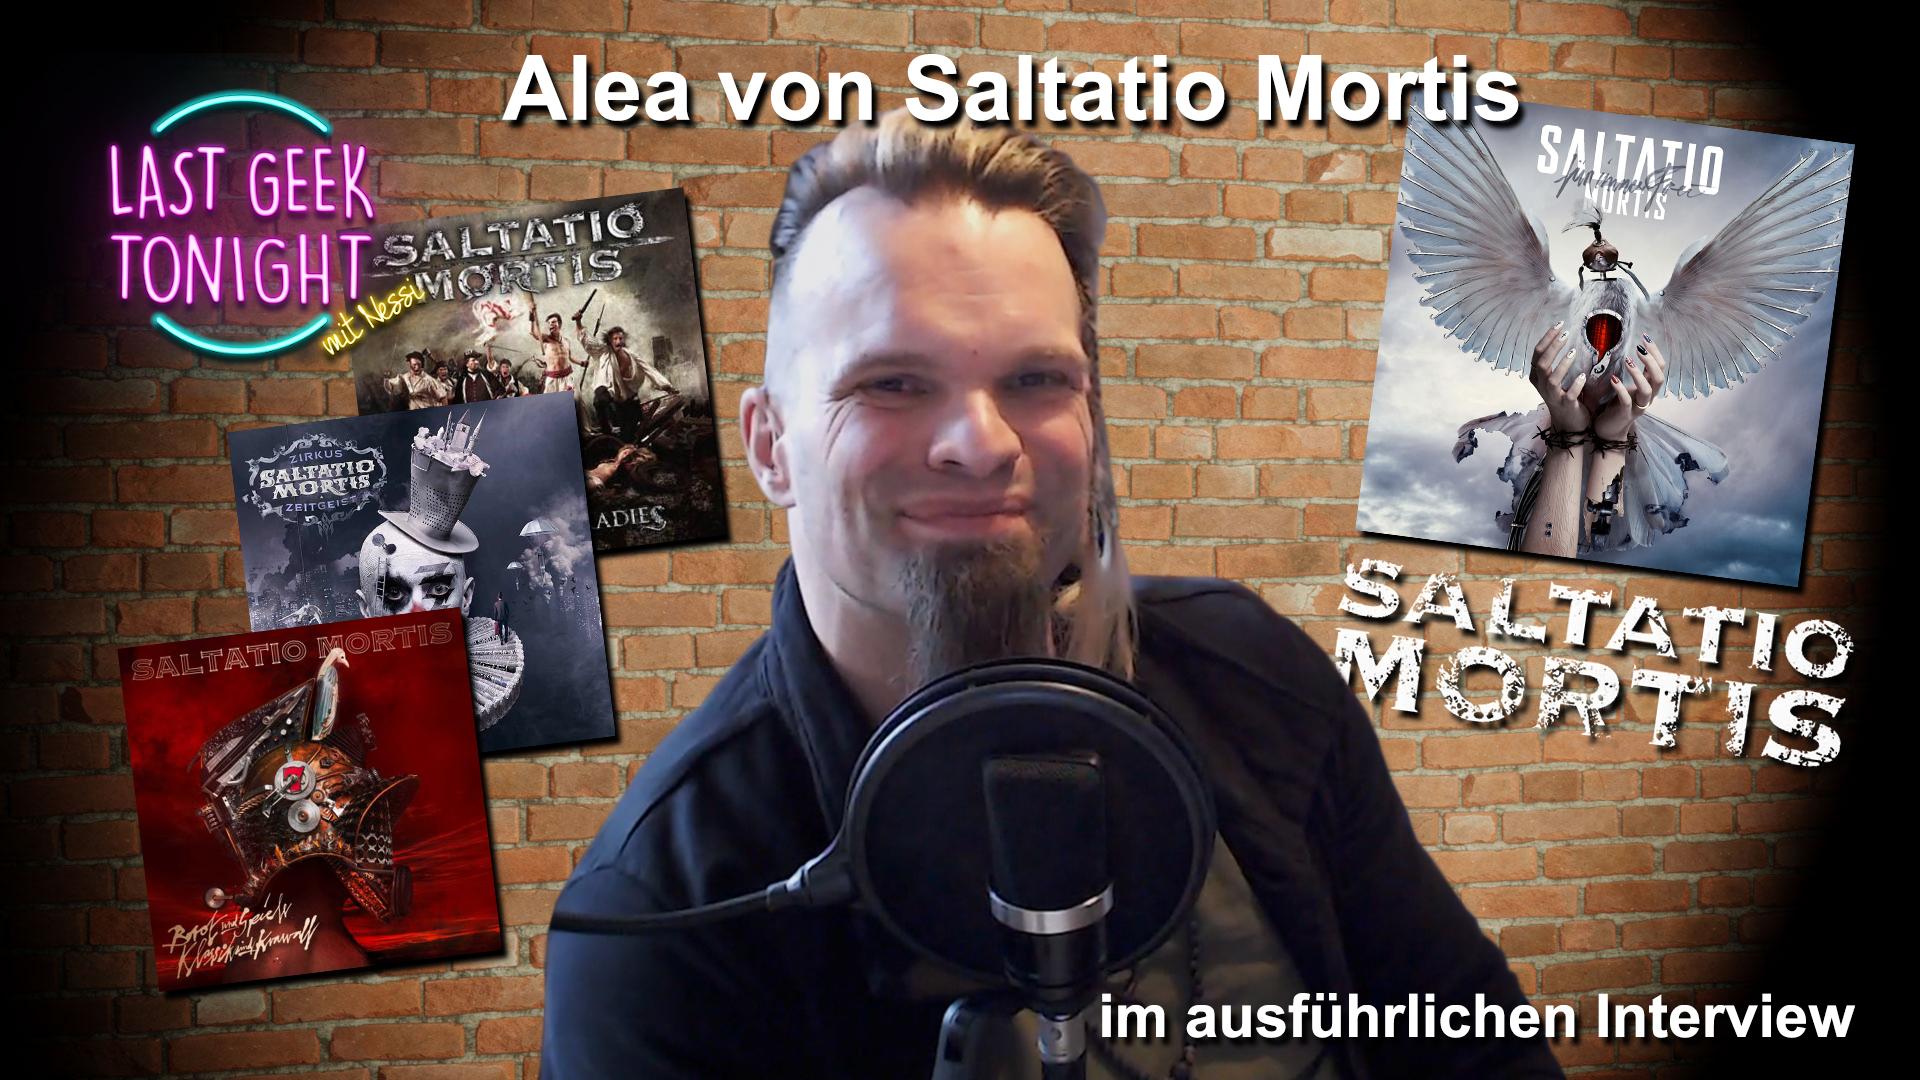 Alea von Saltatio Mortis